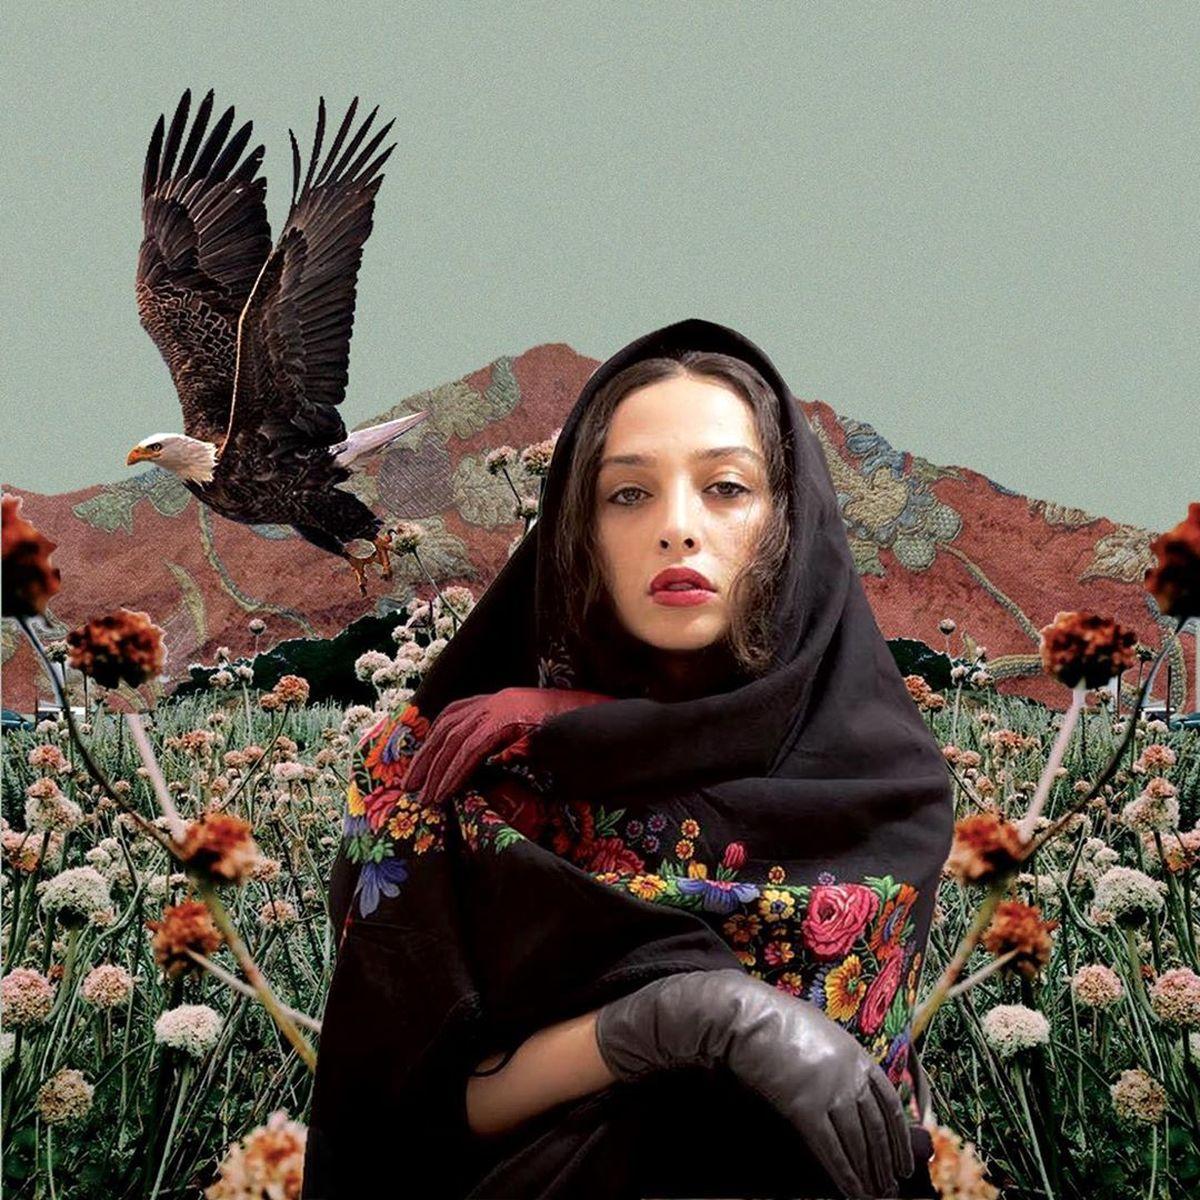 چهره جالب آناهیتا درگاهی با چارقد گلدار + عکس